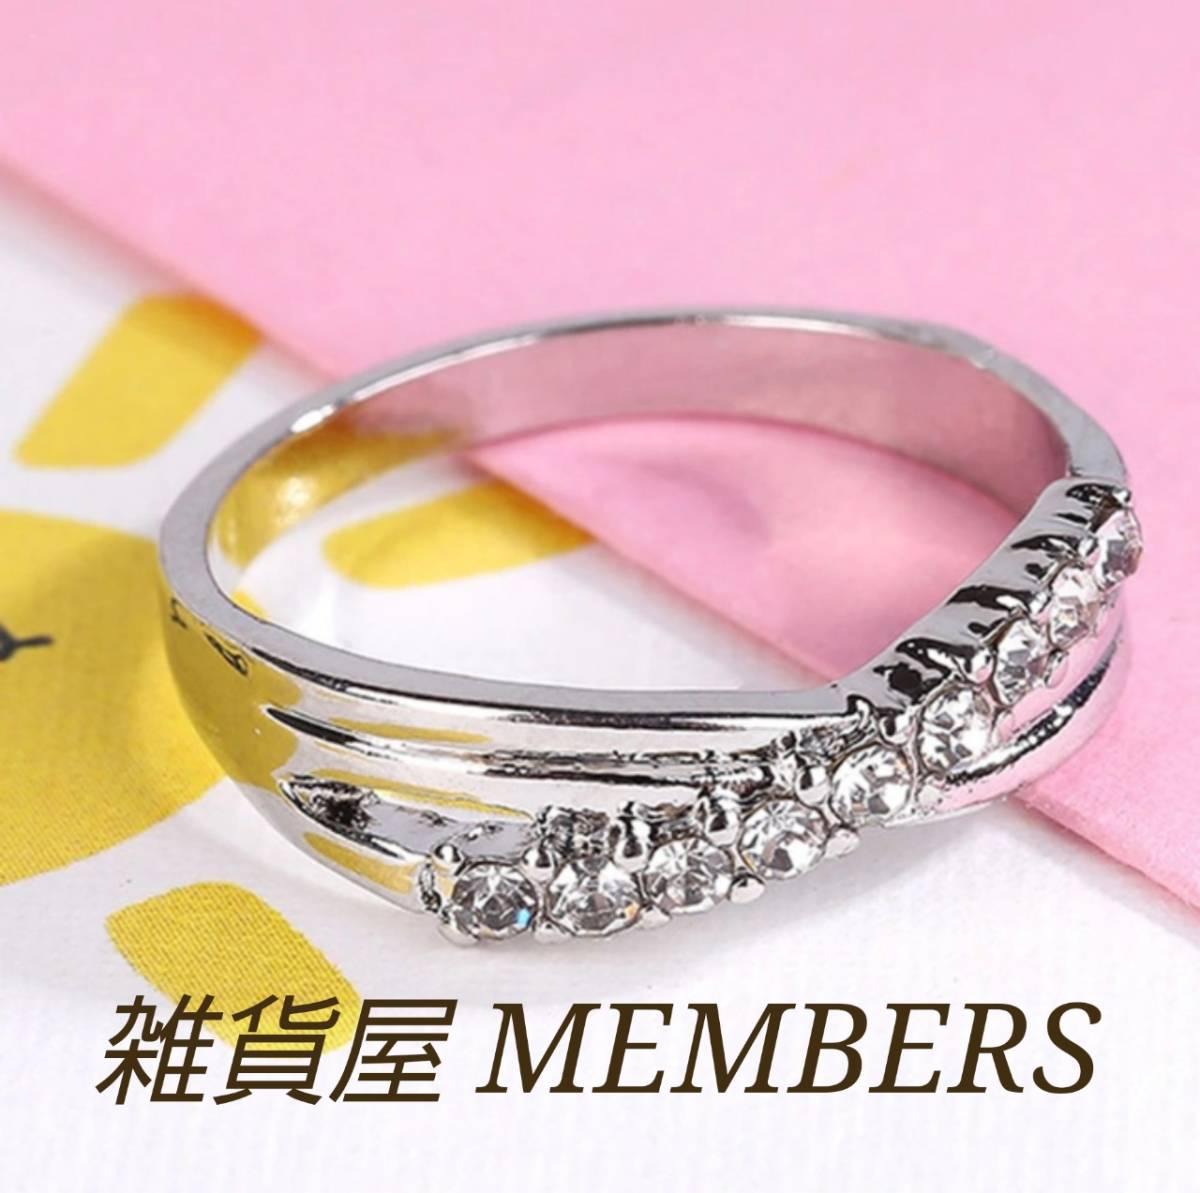 送料無料14号クロムシルバークリアスーパーCZダイヤモンドデザイナーズジュエリーインフィニティリング指輪値下げ残りわずか_画像1